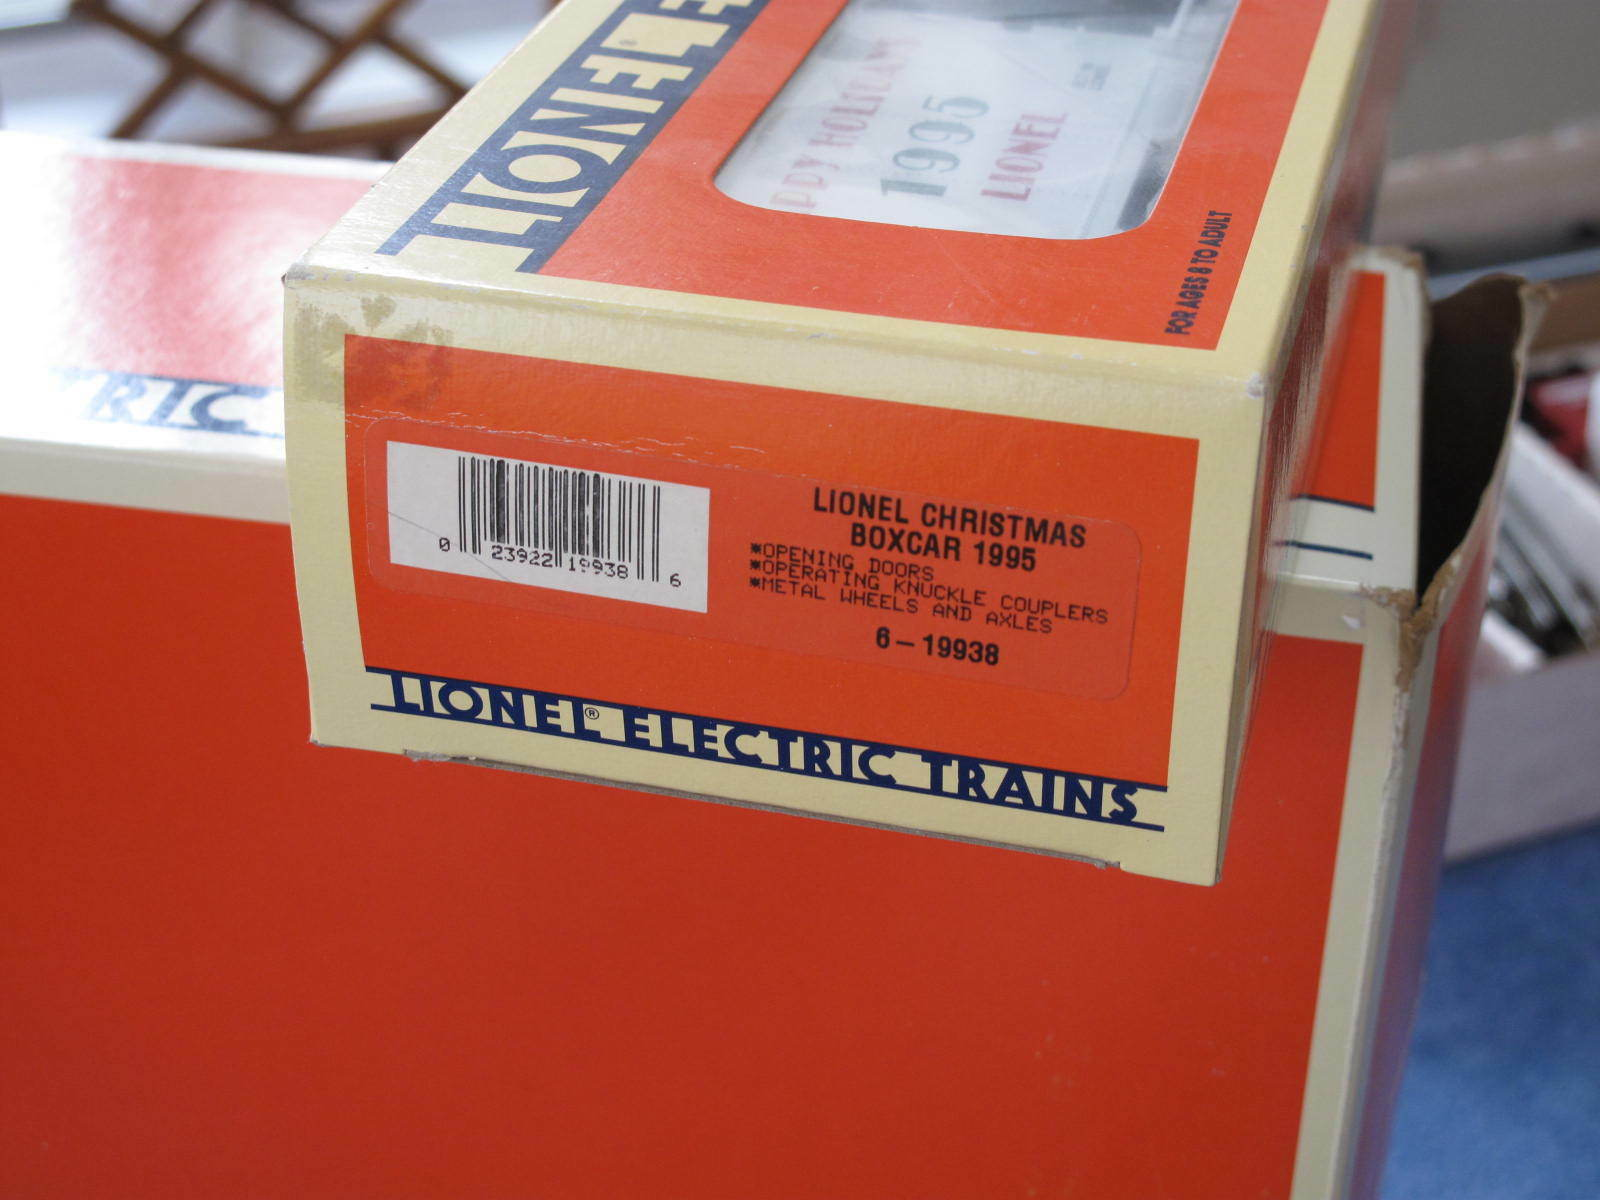 1995 Lionel 6-19938 Christmas scatola scatola scatola auto Happy Holidays nuovo L0836 41ed4d